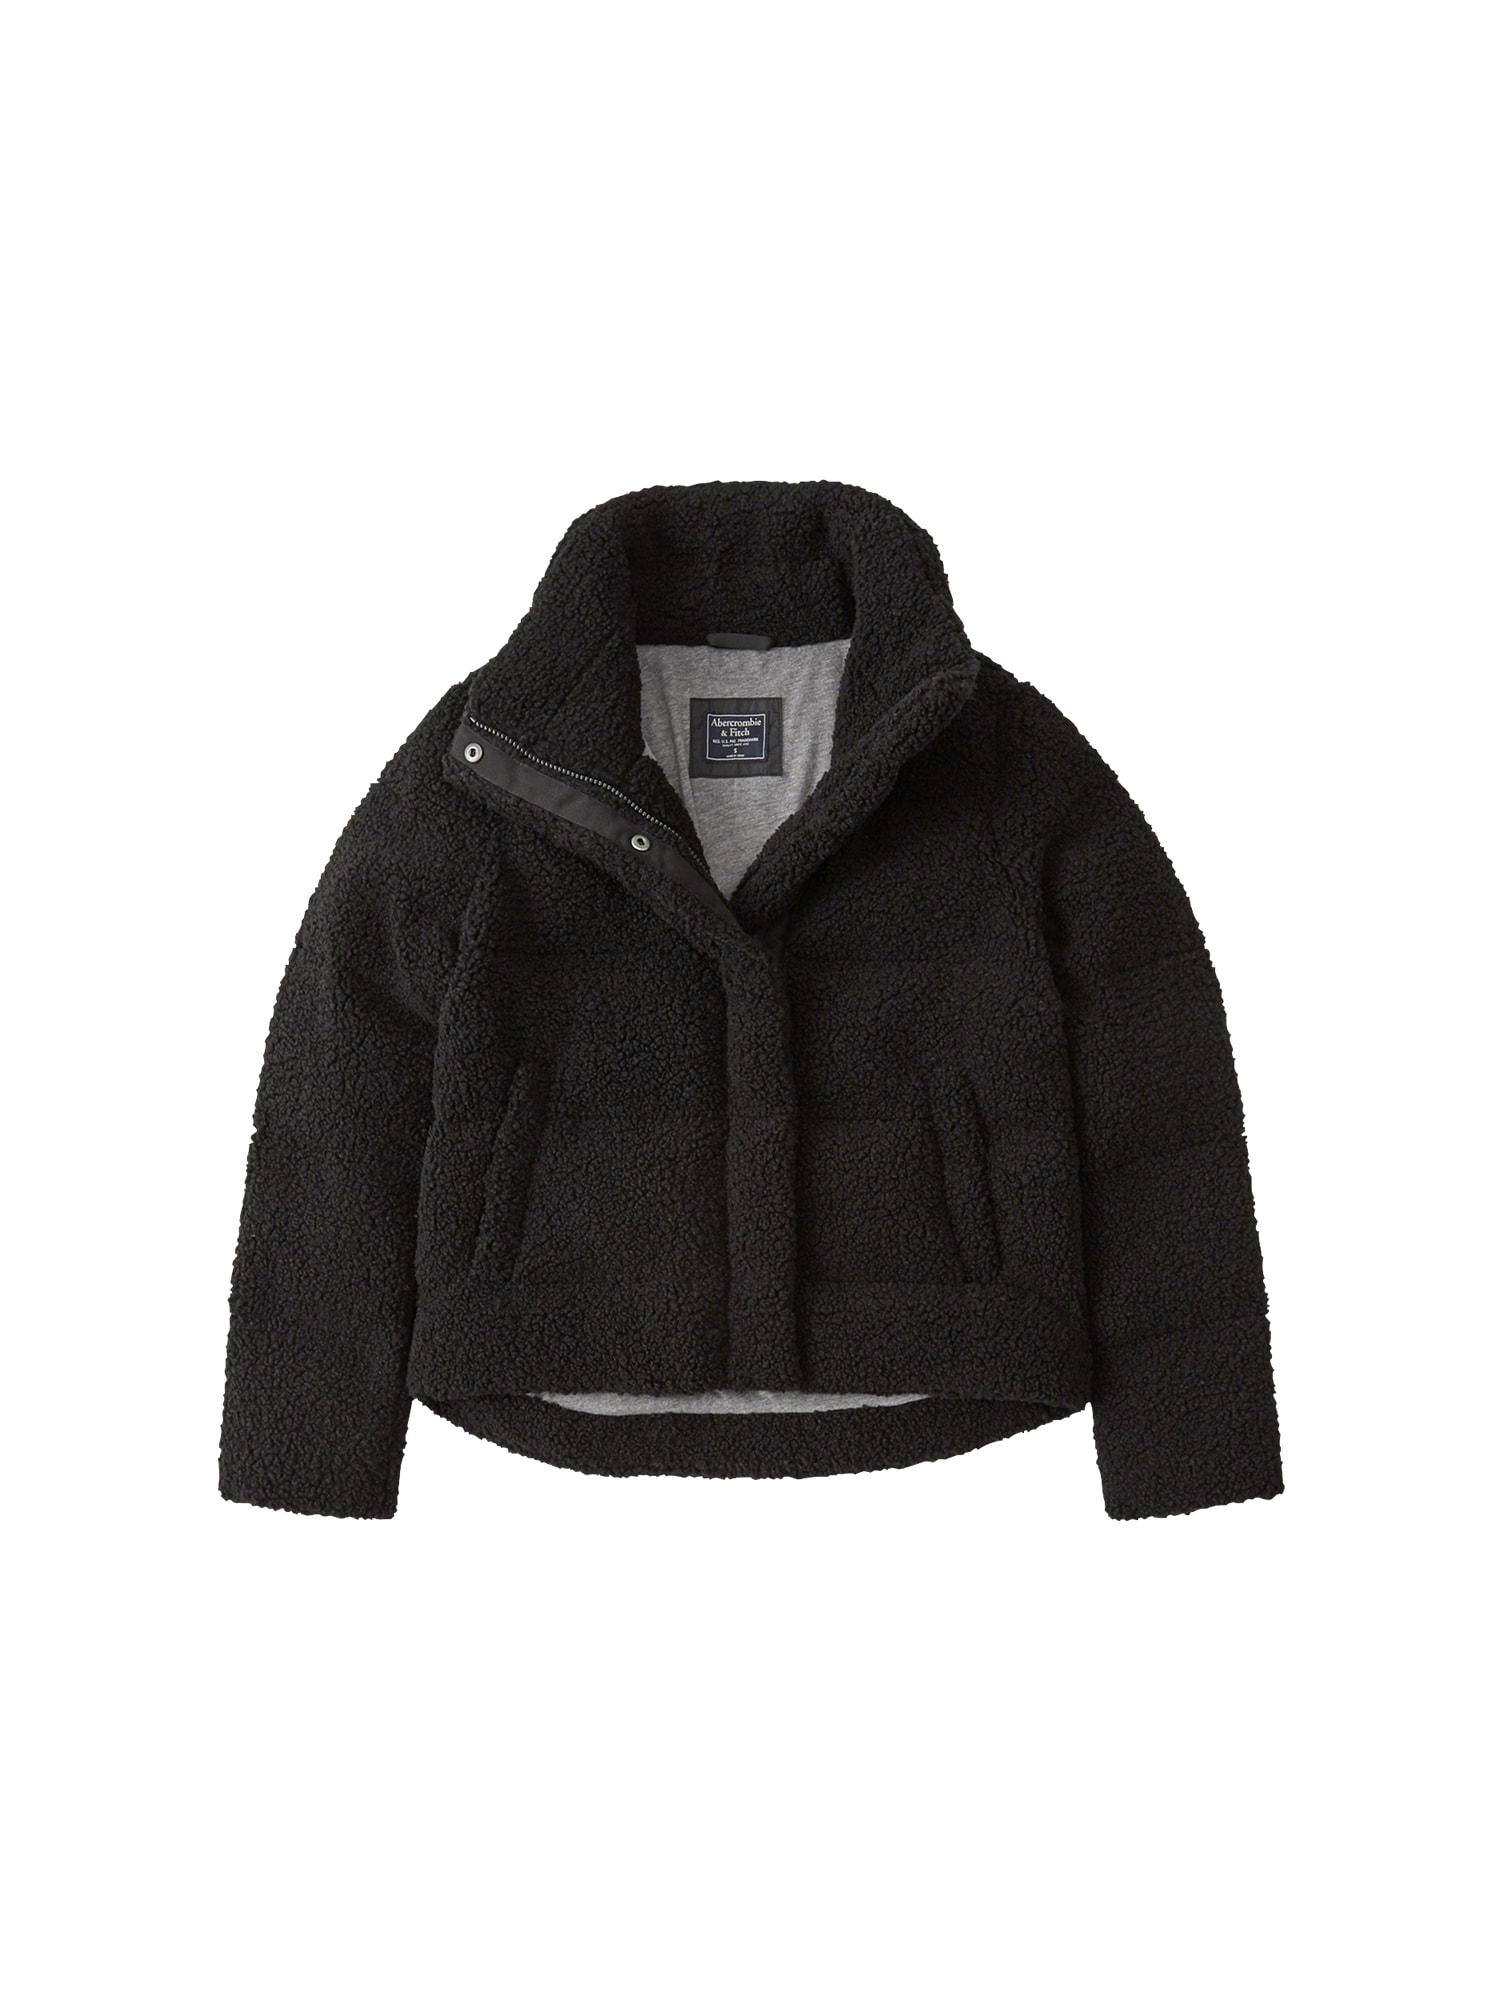 Zimní bunda BTS18-ELEVATED FASHION PUFFER černá Abercrombie & Fitch